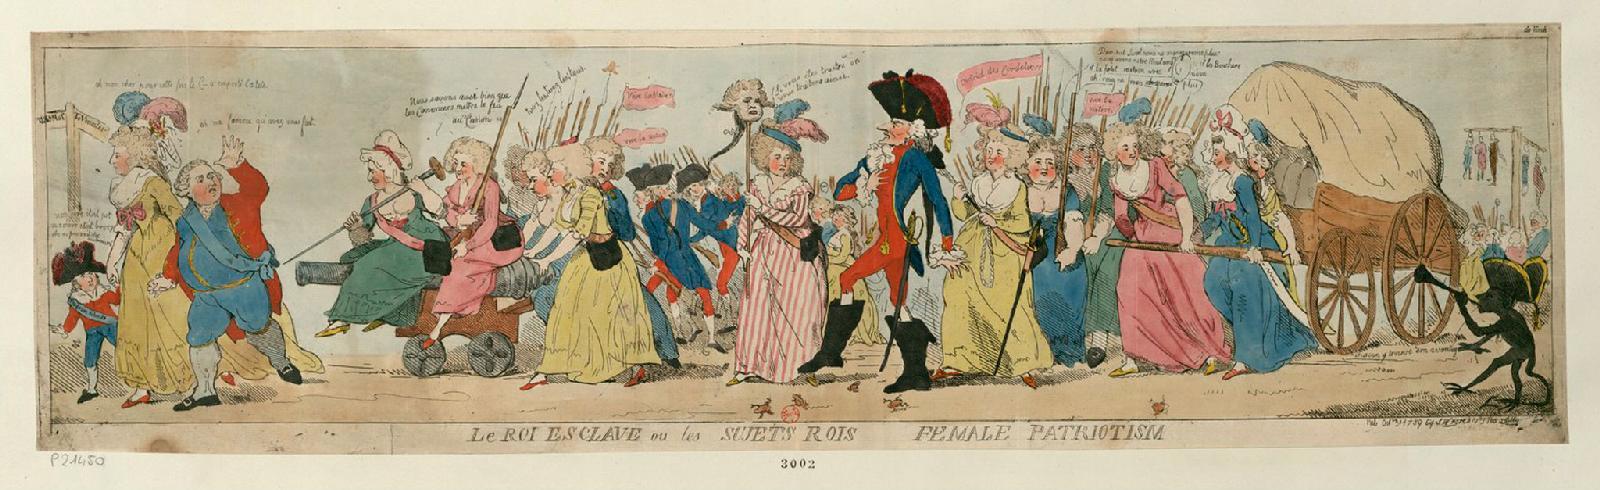 «Король рабов или подданные короли: женский патриотизм» (1789). Исаак Крукшенк. Эстамп